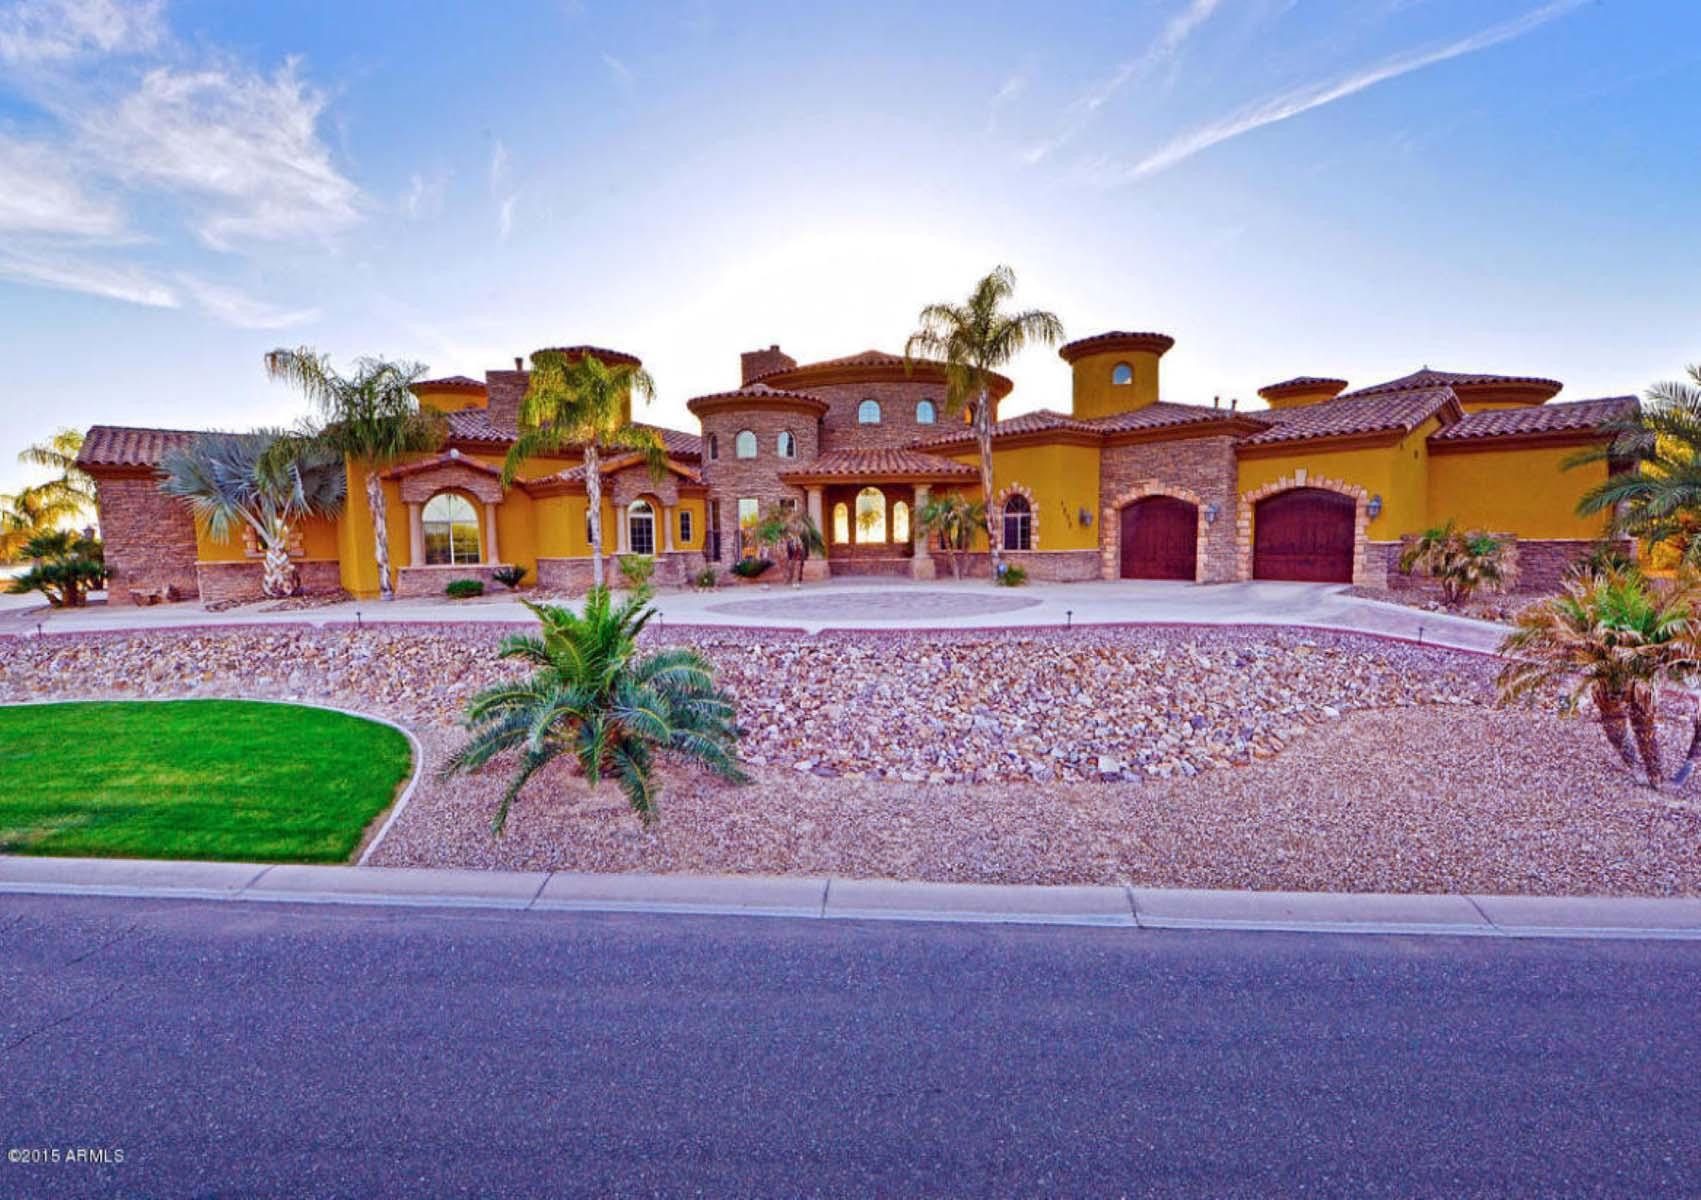 Nhà ở một gia đình vì Bán tại Lakefront property in Santan Lakeside Estates. 7270 S BEACH BLVD Queen Creek, Arizona 85142 Hoa Kỳ